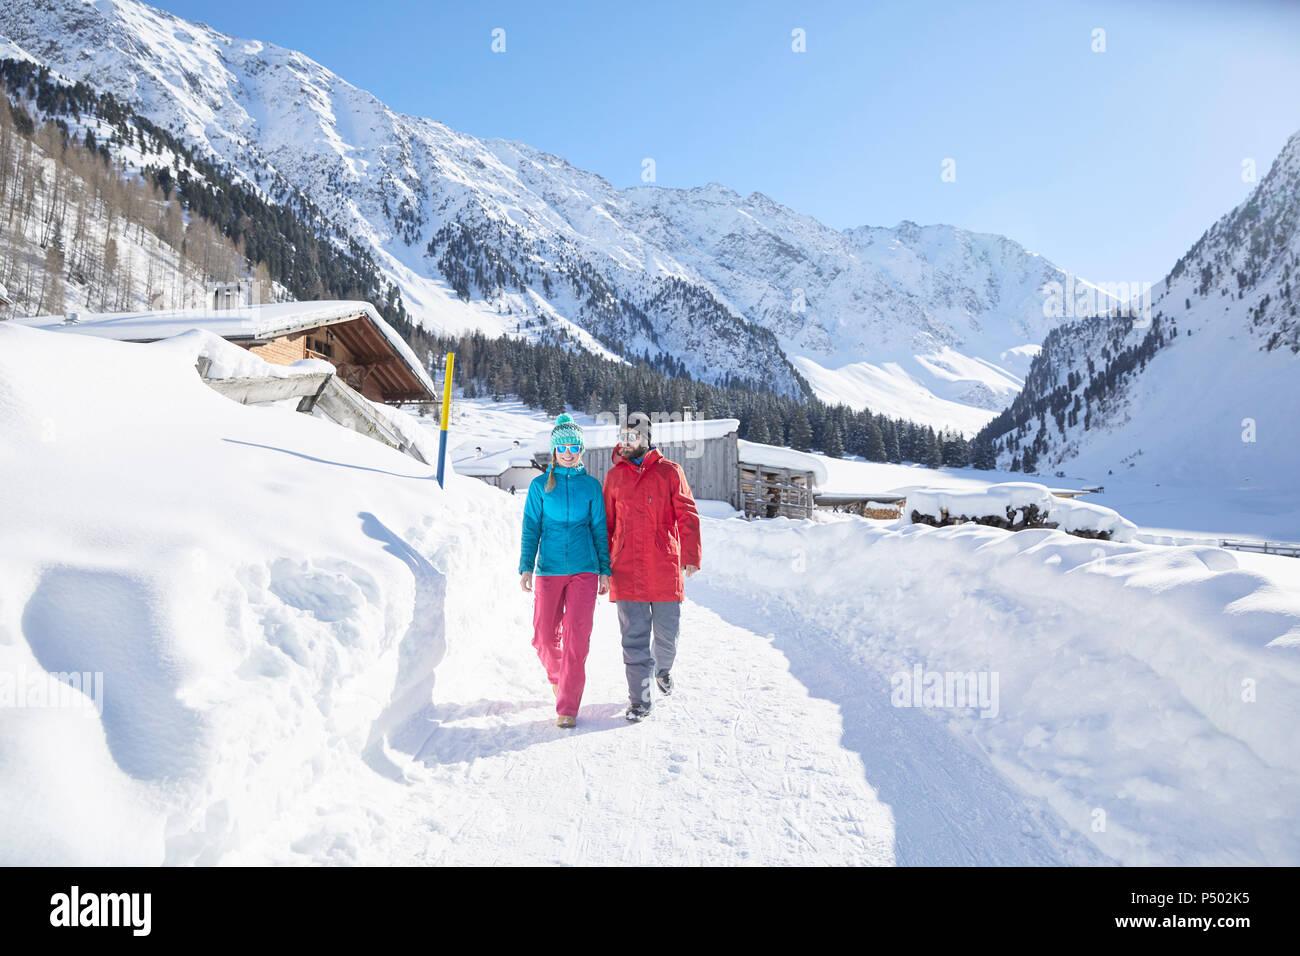 Paar in der verschneiten Landschaft Stockbild